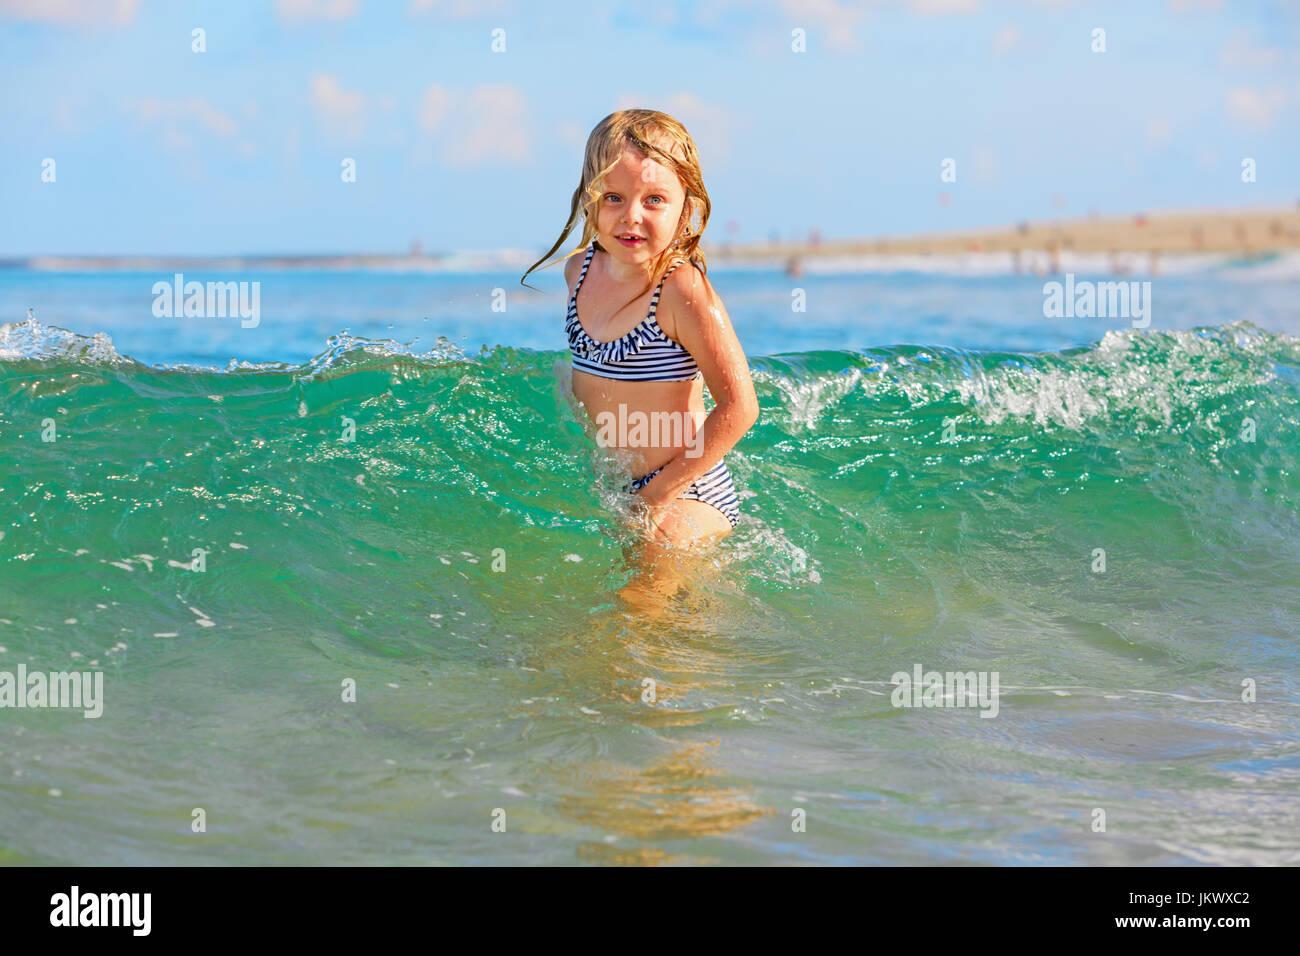 Vie de famille heureuse. Baby Girl splashing et sauter avec plaisir dans les vagues déferlantes. Billet d'été, Photo Stock